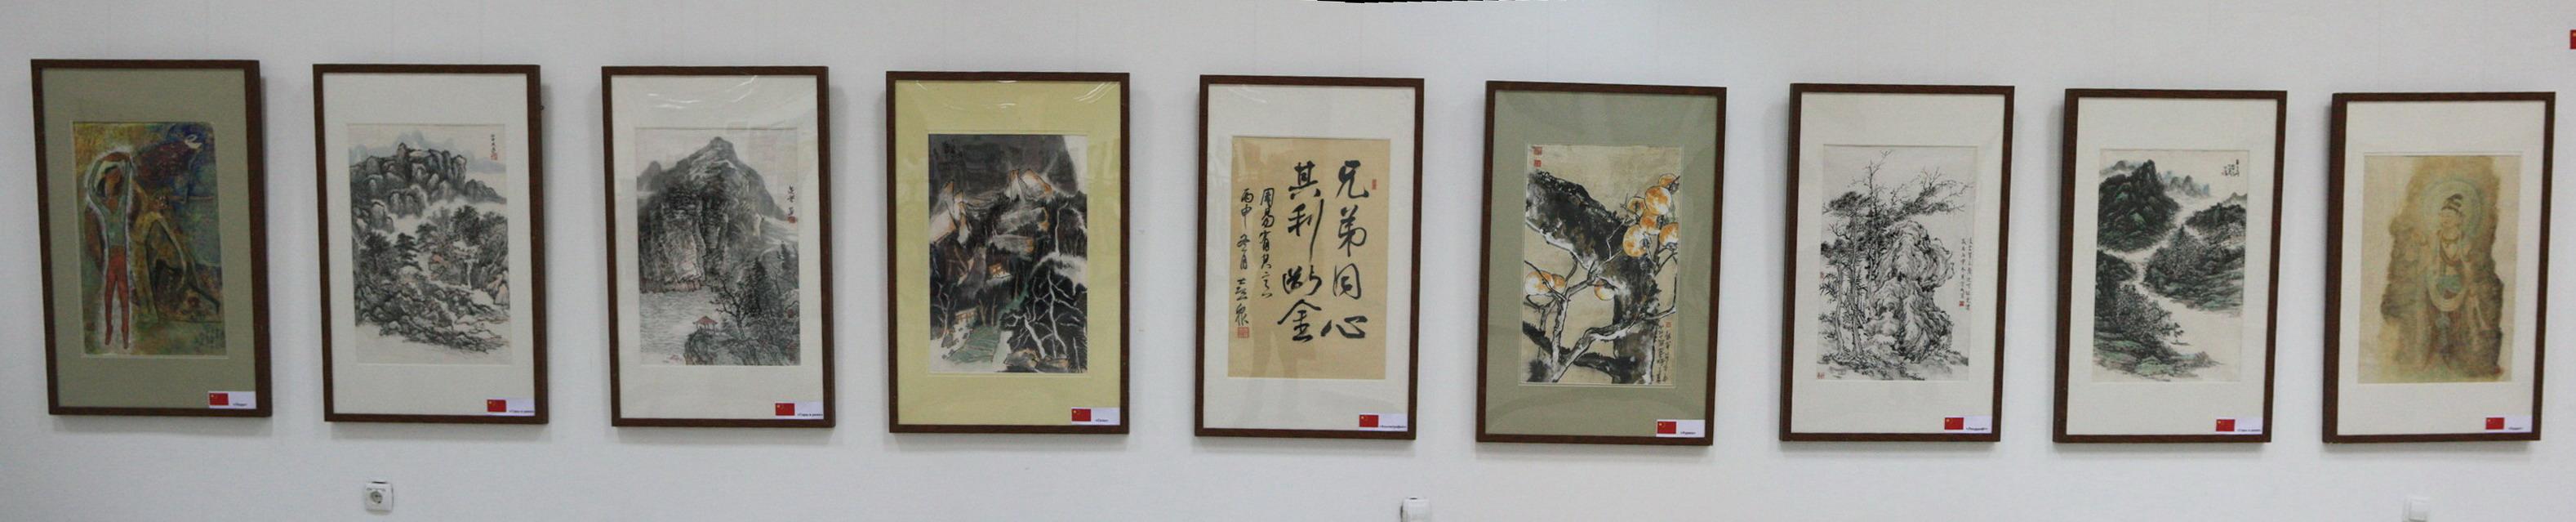 Экспозиция Китайской живописи. Посольств КНР в РУз